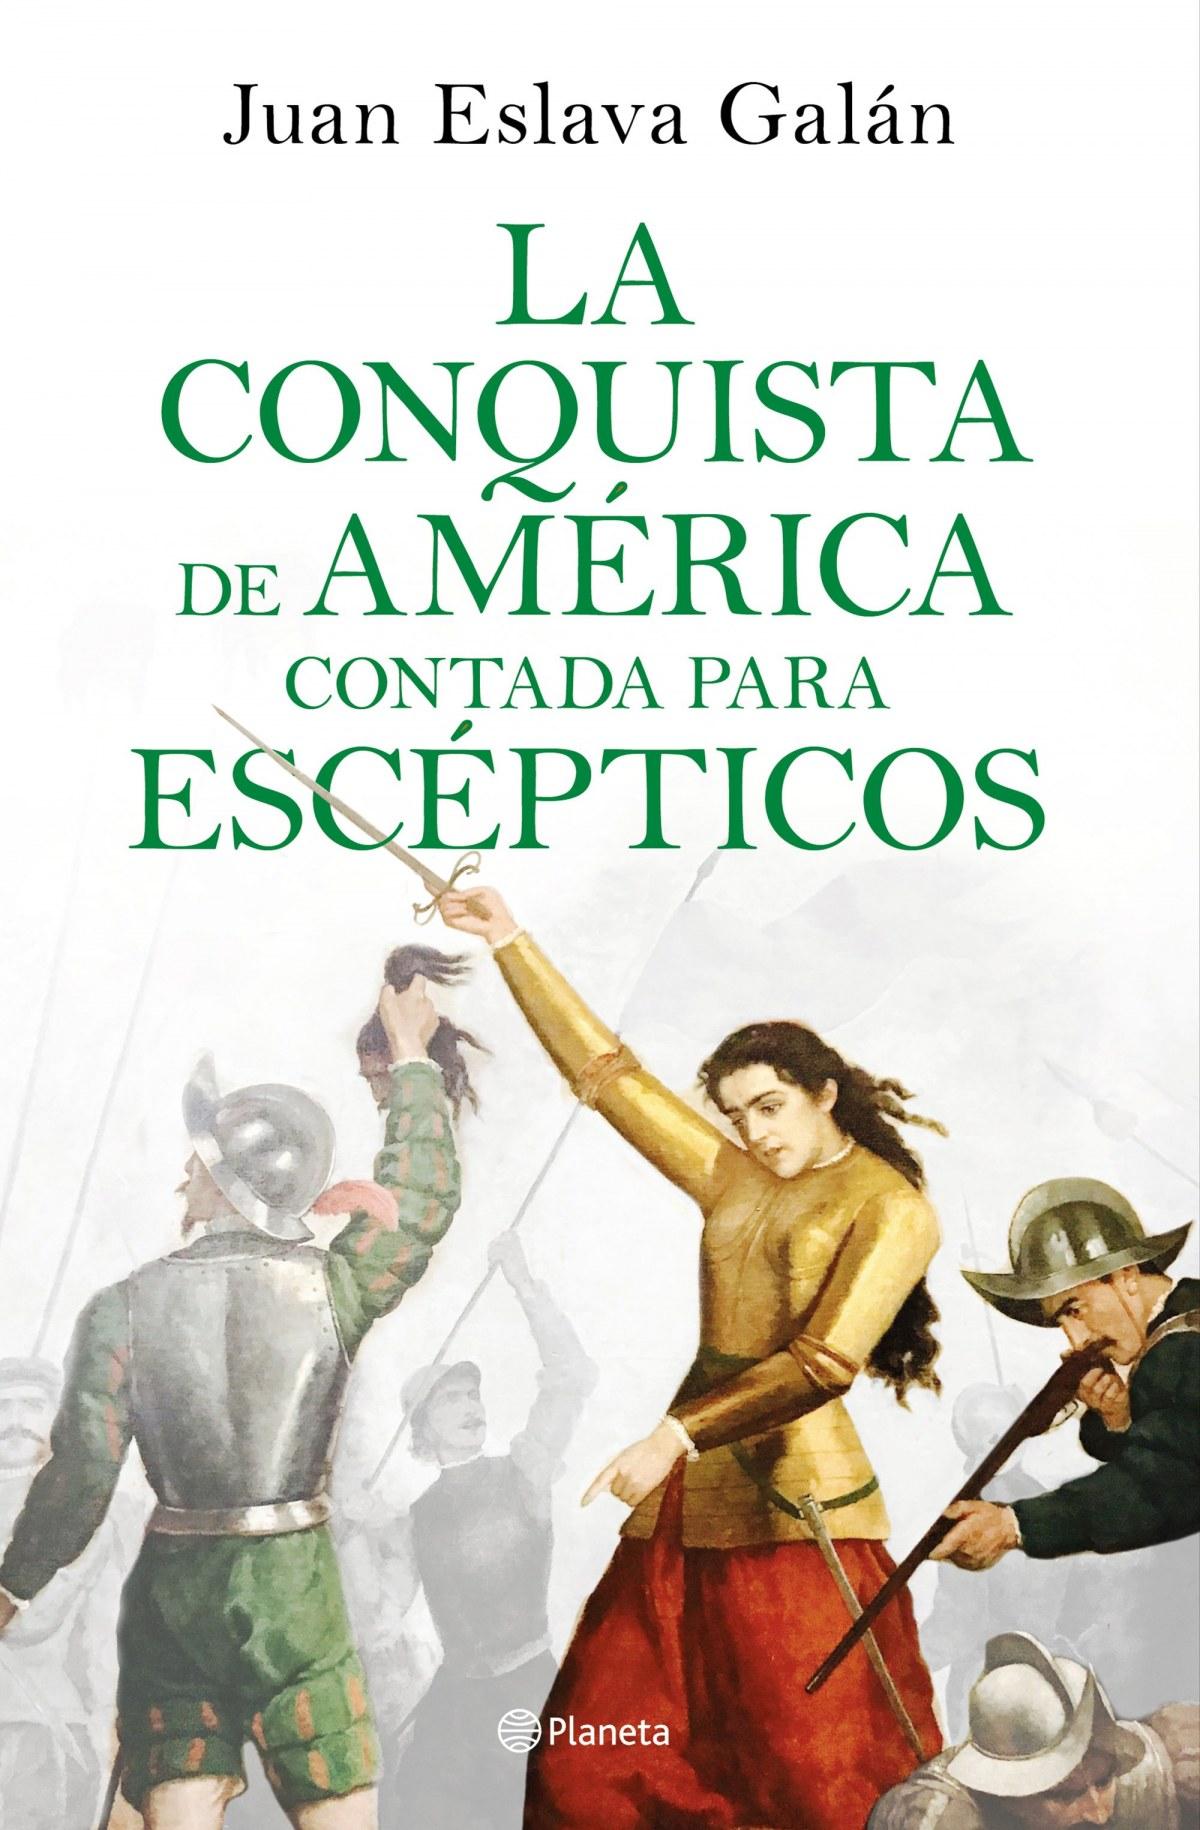 LA CONQUISTA DE AMÉRICA CONTADA PARA ESCEPTICOS 9788408209317